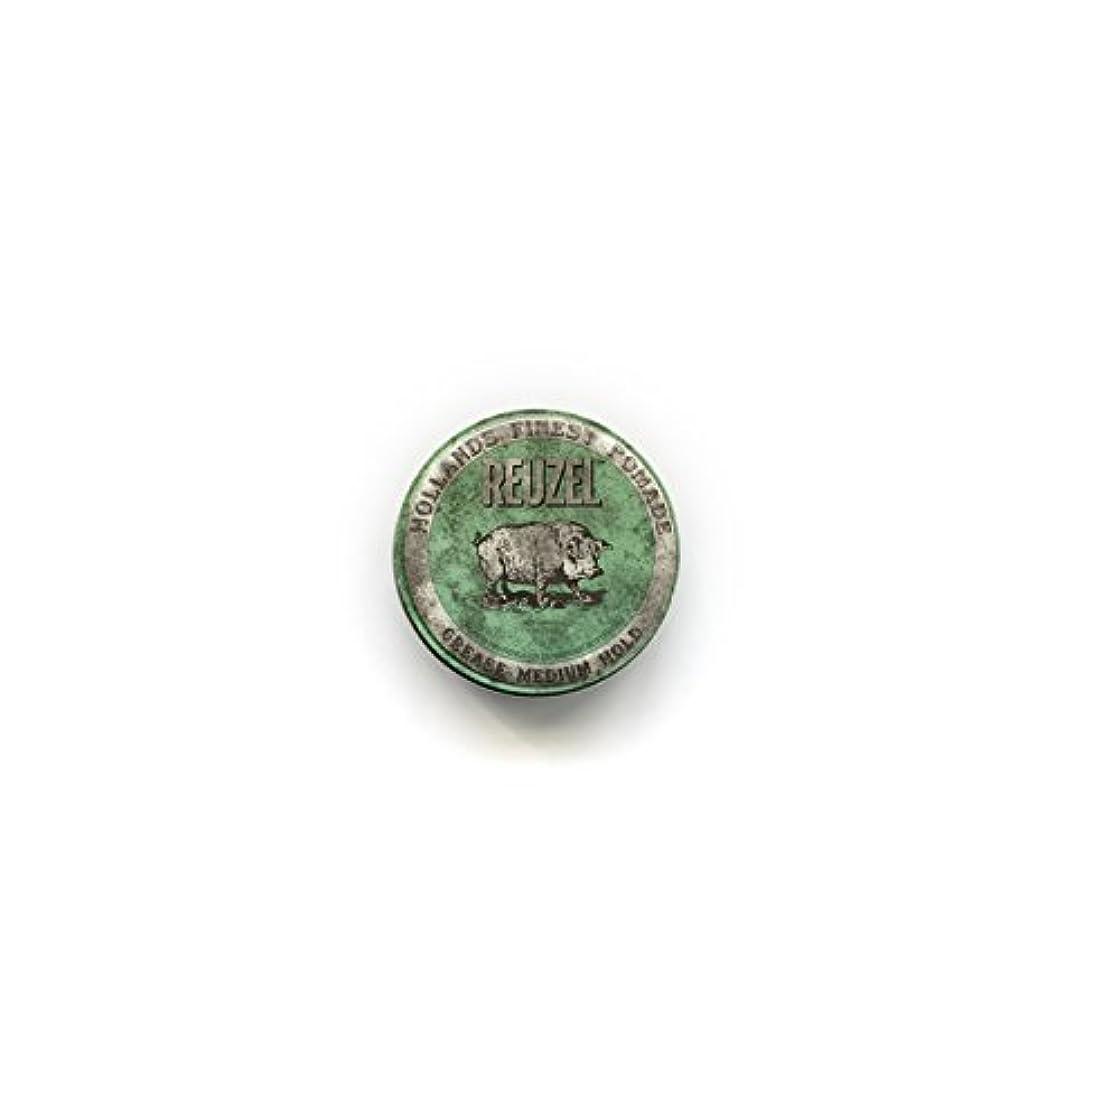 下品ボルトピーブREUZEL ルーゾーグリースポマード 1.3oz./35g 【緑】35g  <油性: ナチュラルホールド>